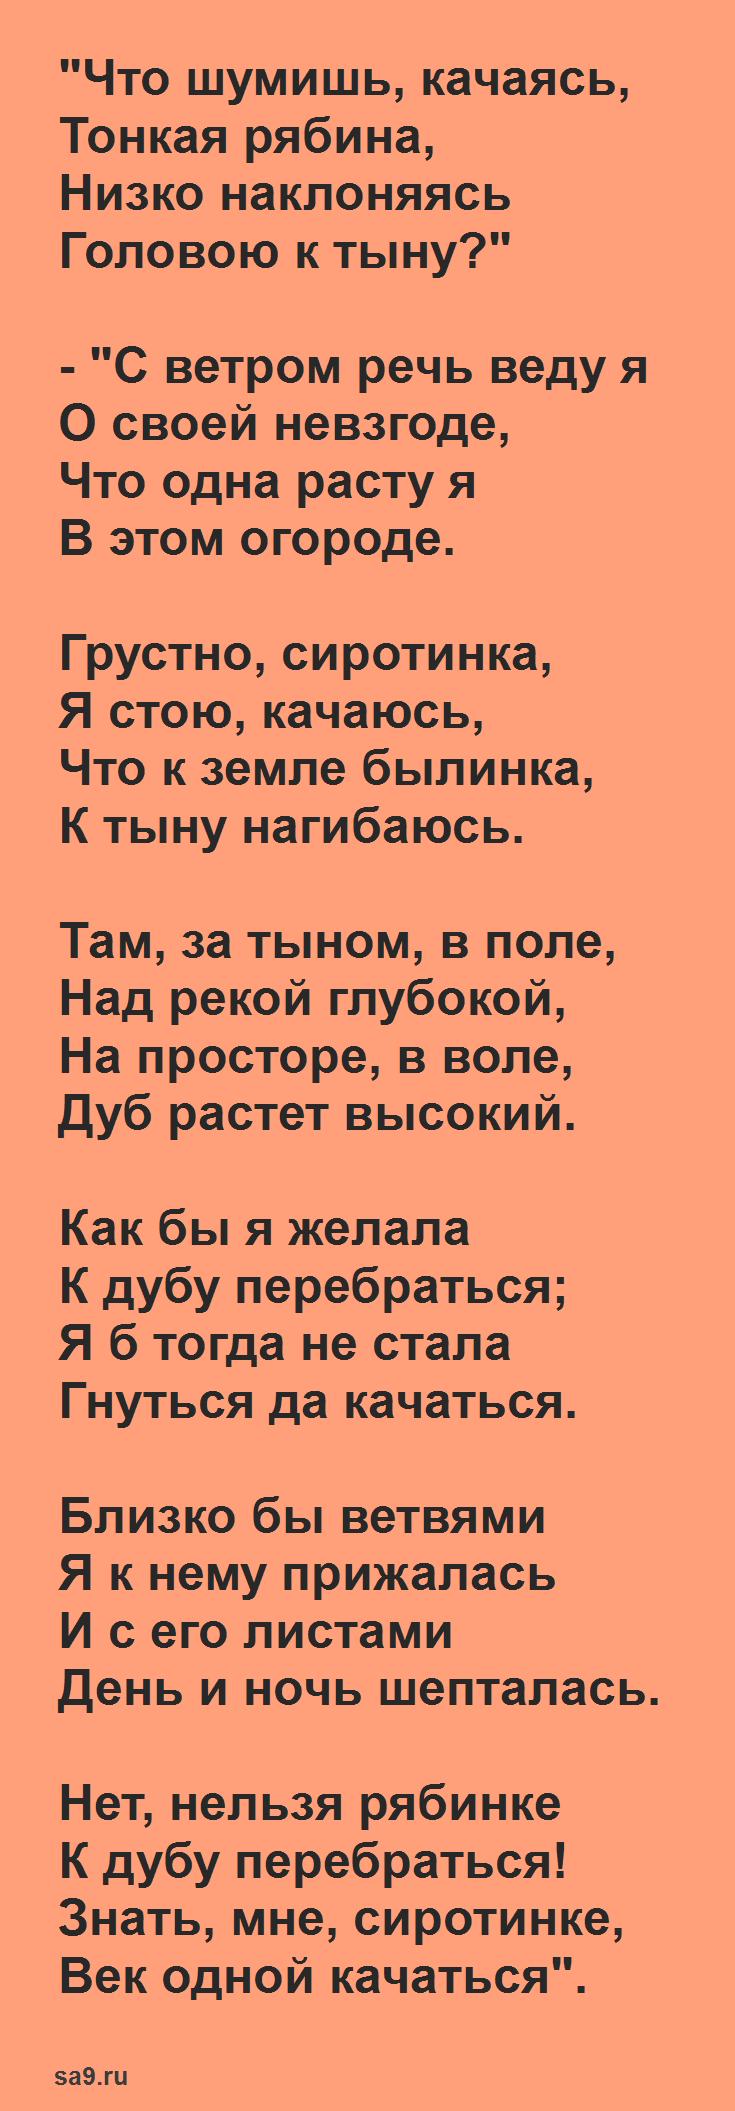 Стихи Сурикова - Тонкая Рябина